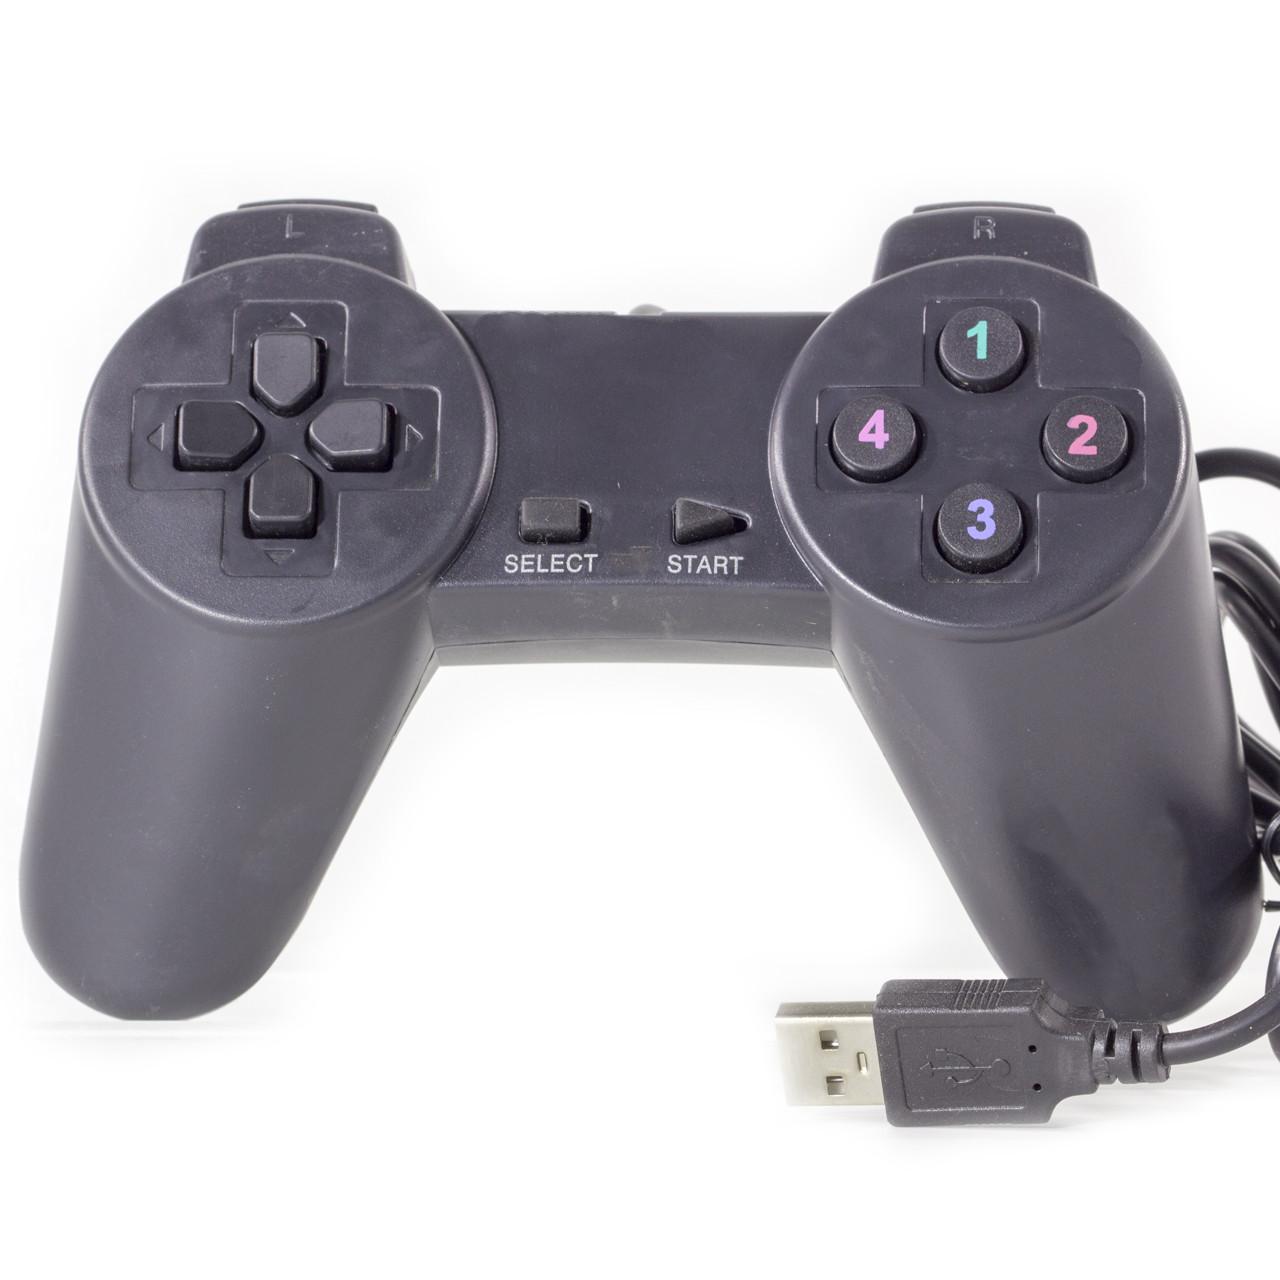 Универсальный геймпад LESKO 701 черный для компьютера ноутбука игровой контроллер джойстик USB мультимедийный